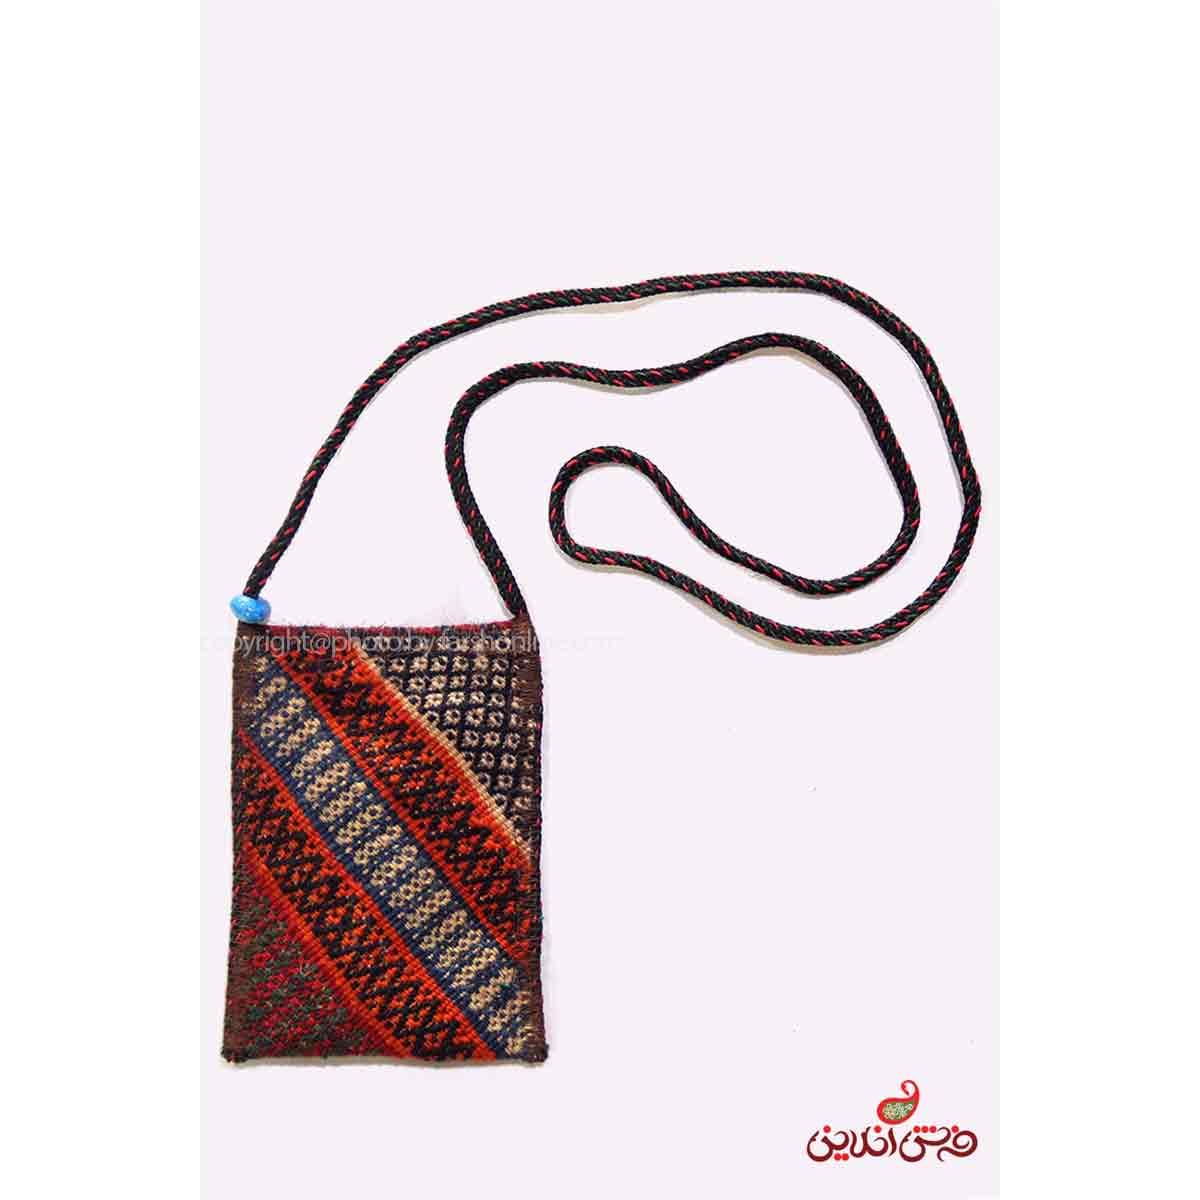 کیف موبایل گلیم سوزنی دستباف کد 345